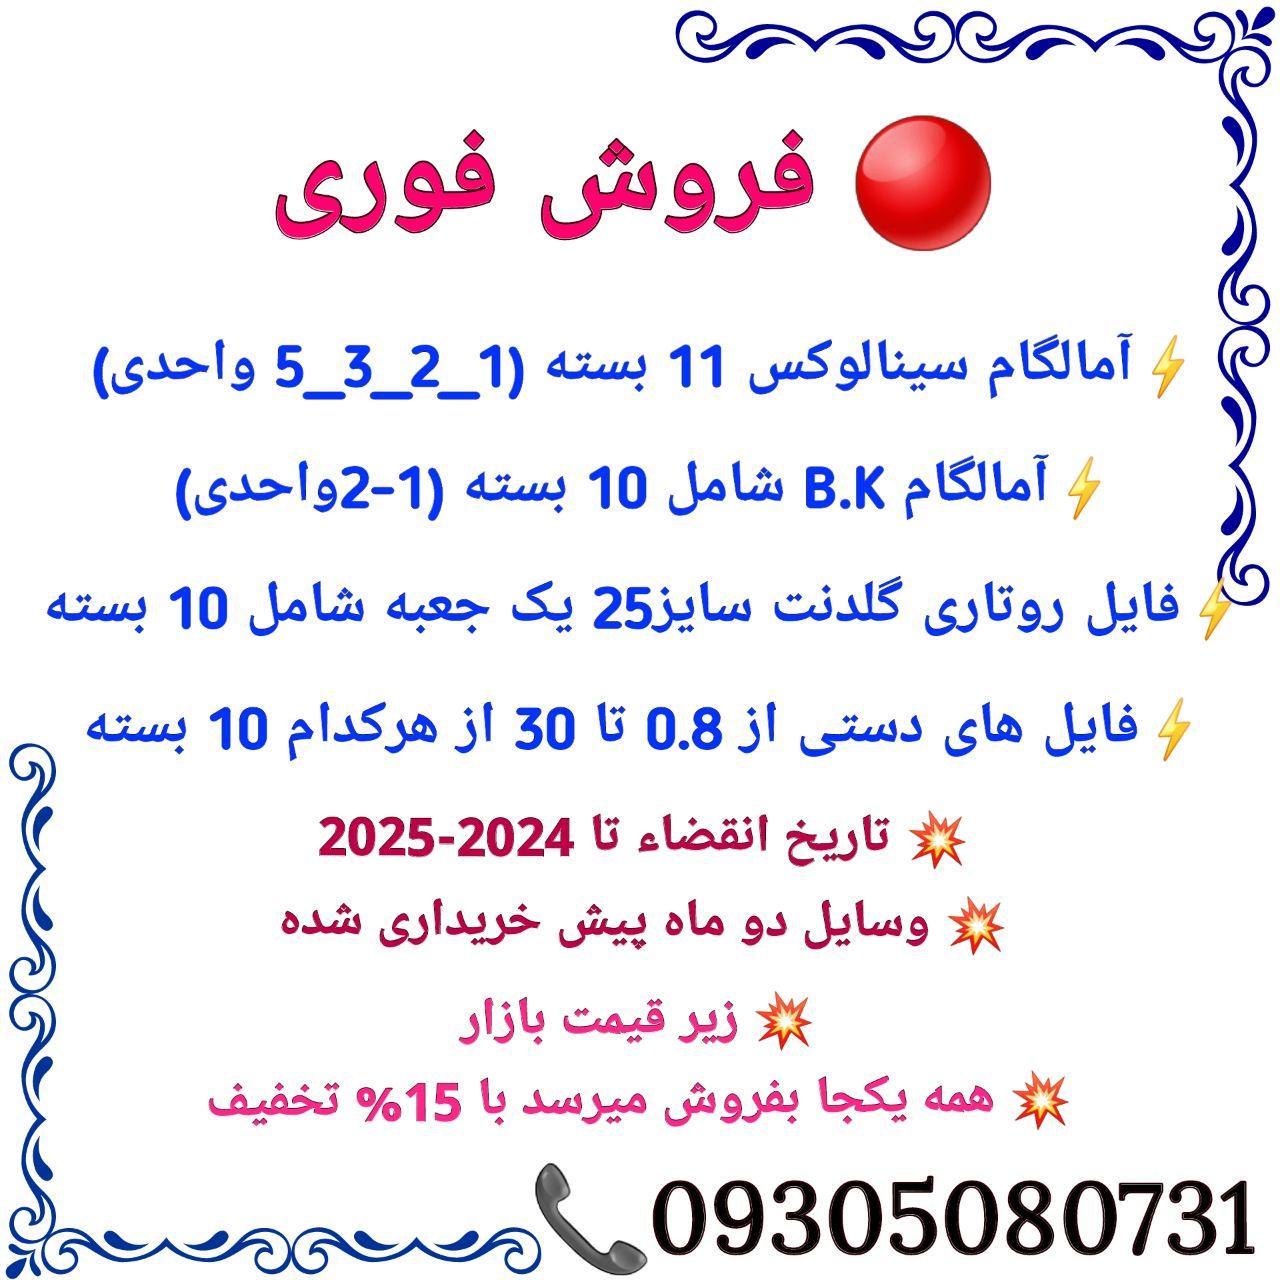 تهران: فروش آمالگام سینالوکس، آمالگام B.K، فایل روتاری گلدنت، فایل های دستی